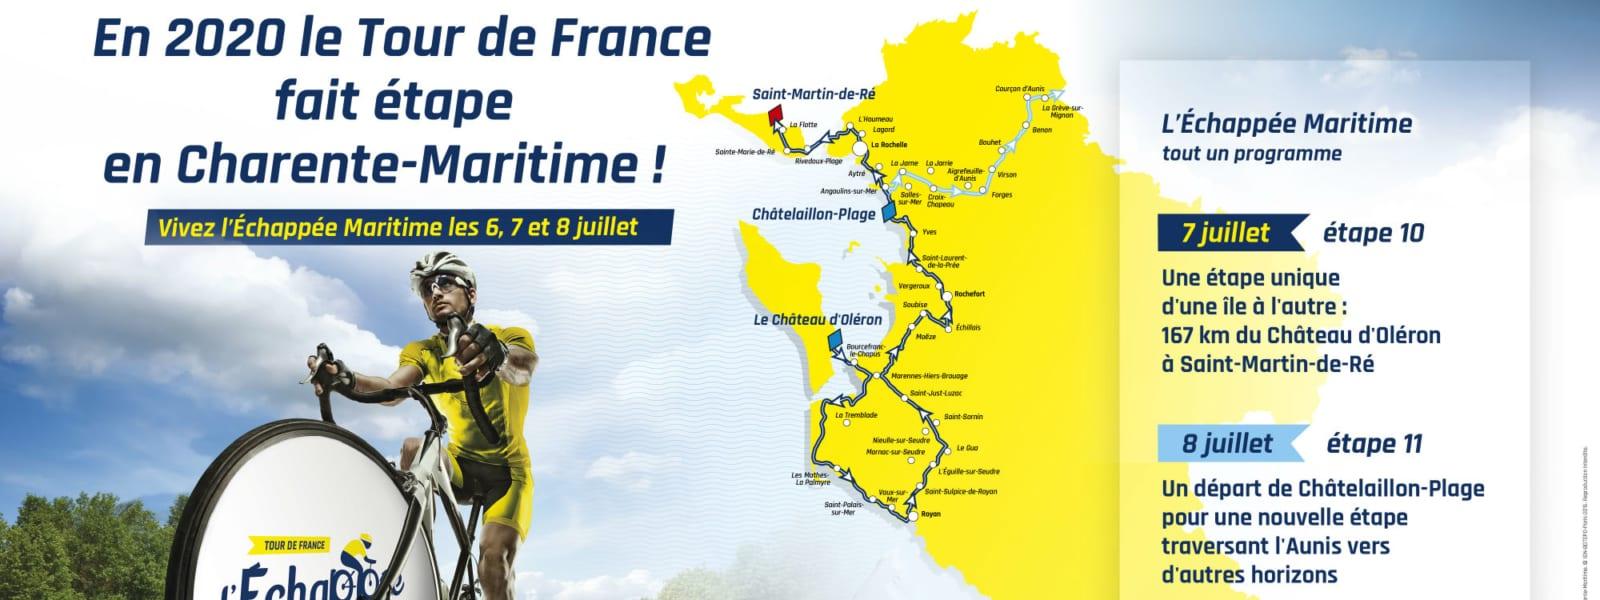 Aunis Atlantique se met au jaune !